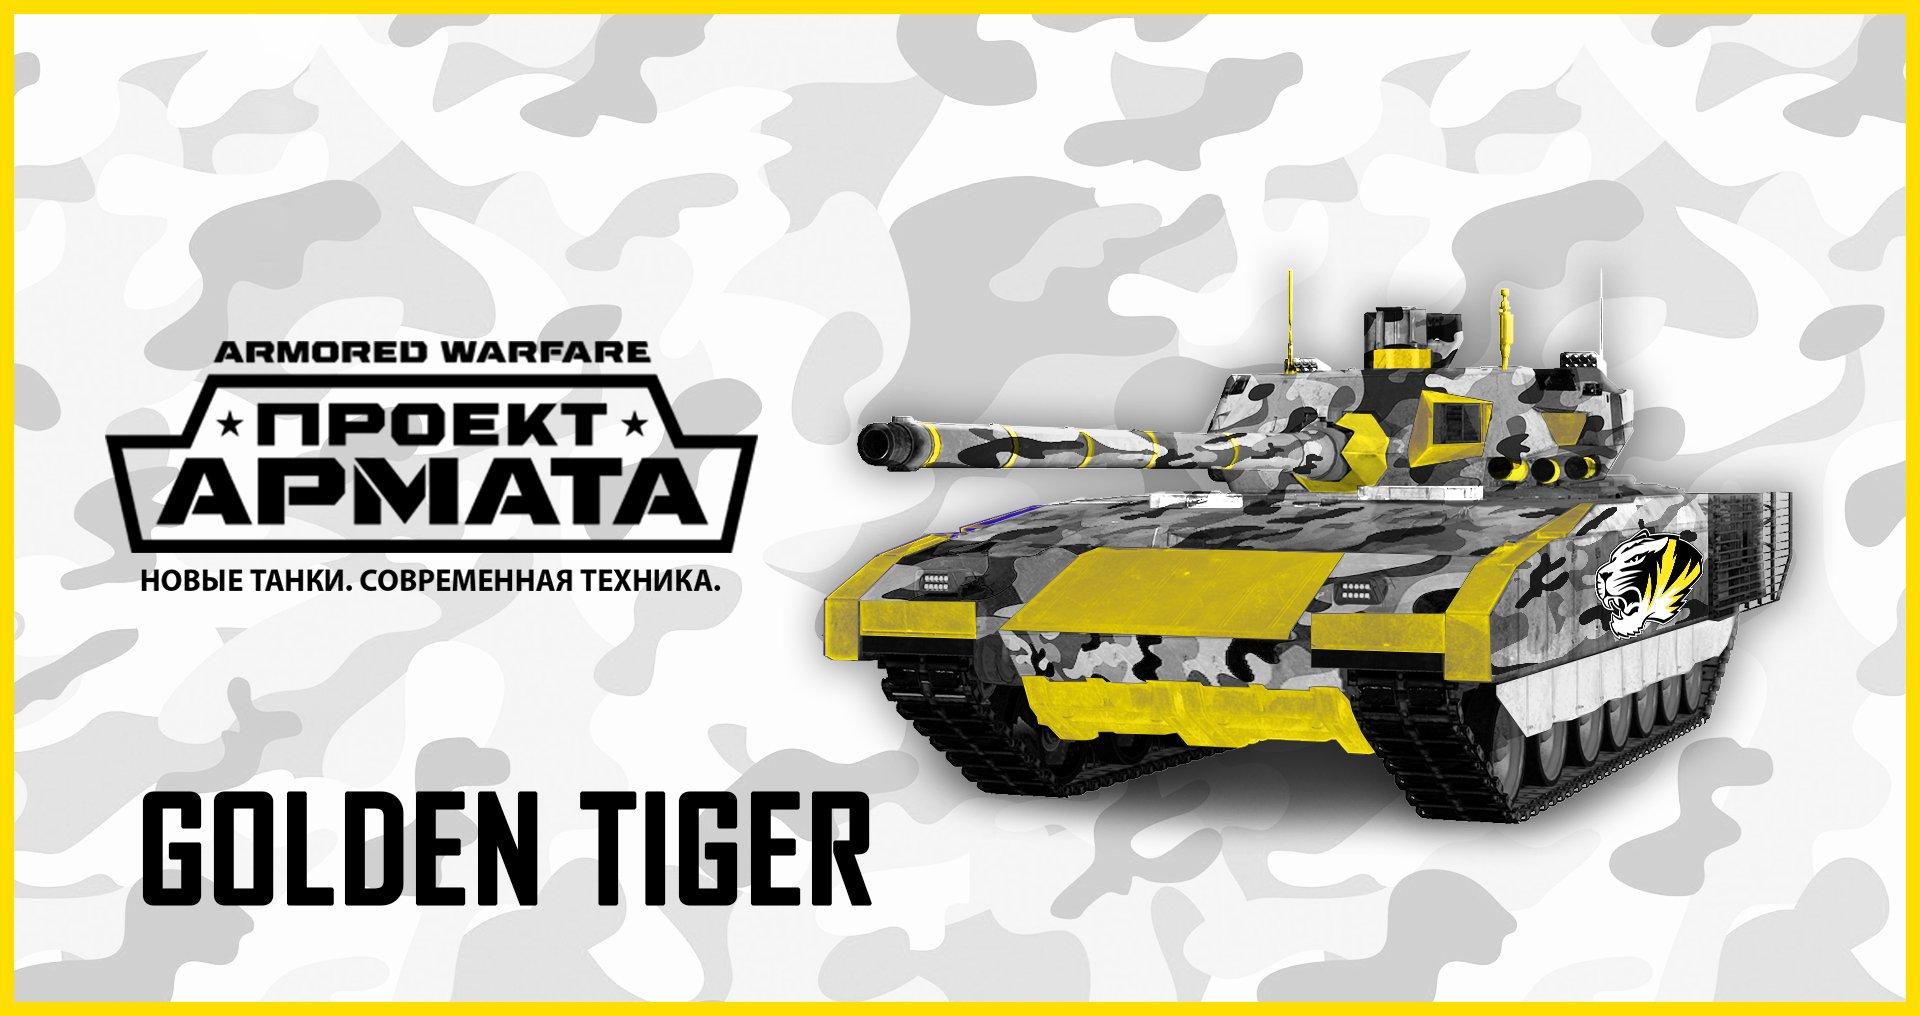 Т-14 GOLDEN TIGER. - Изображение 1